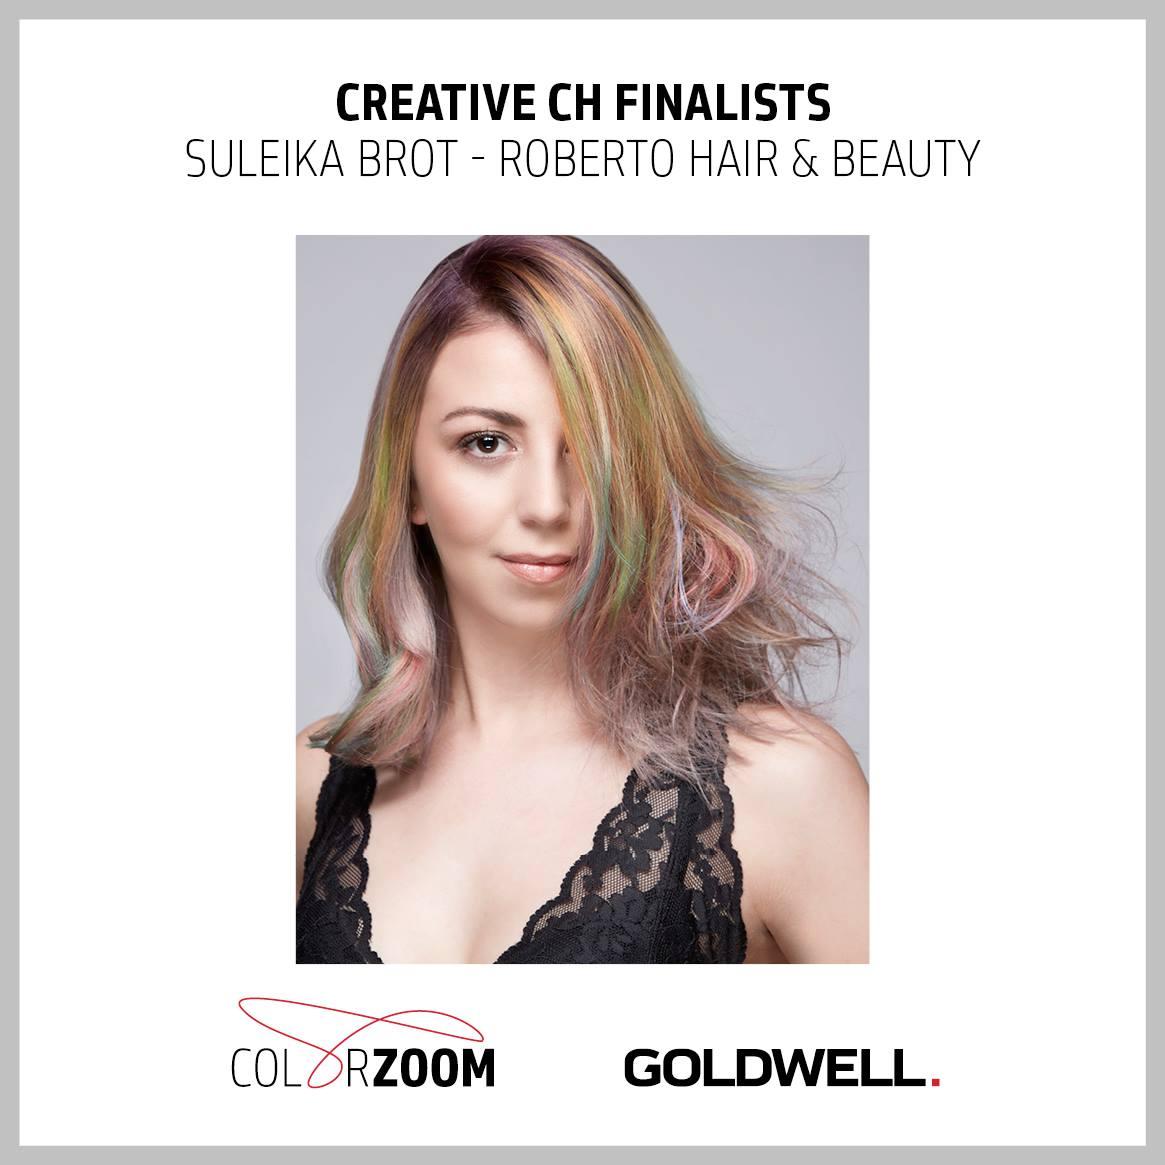 04_Suleika_Brot-Roberto_Hair_Beauty